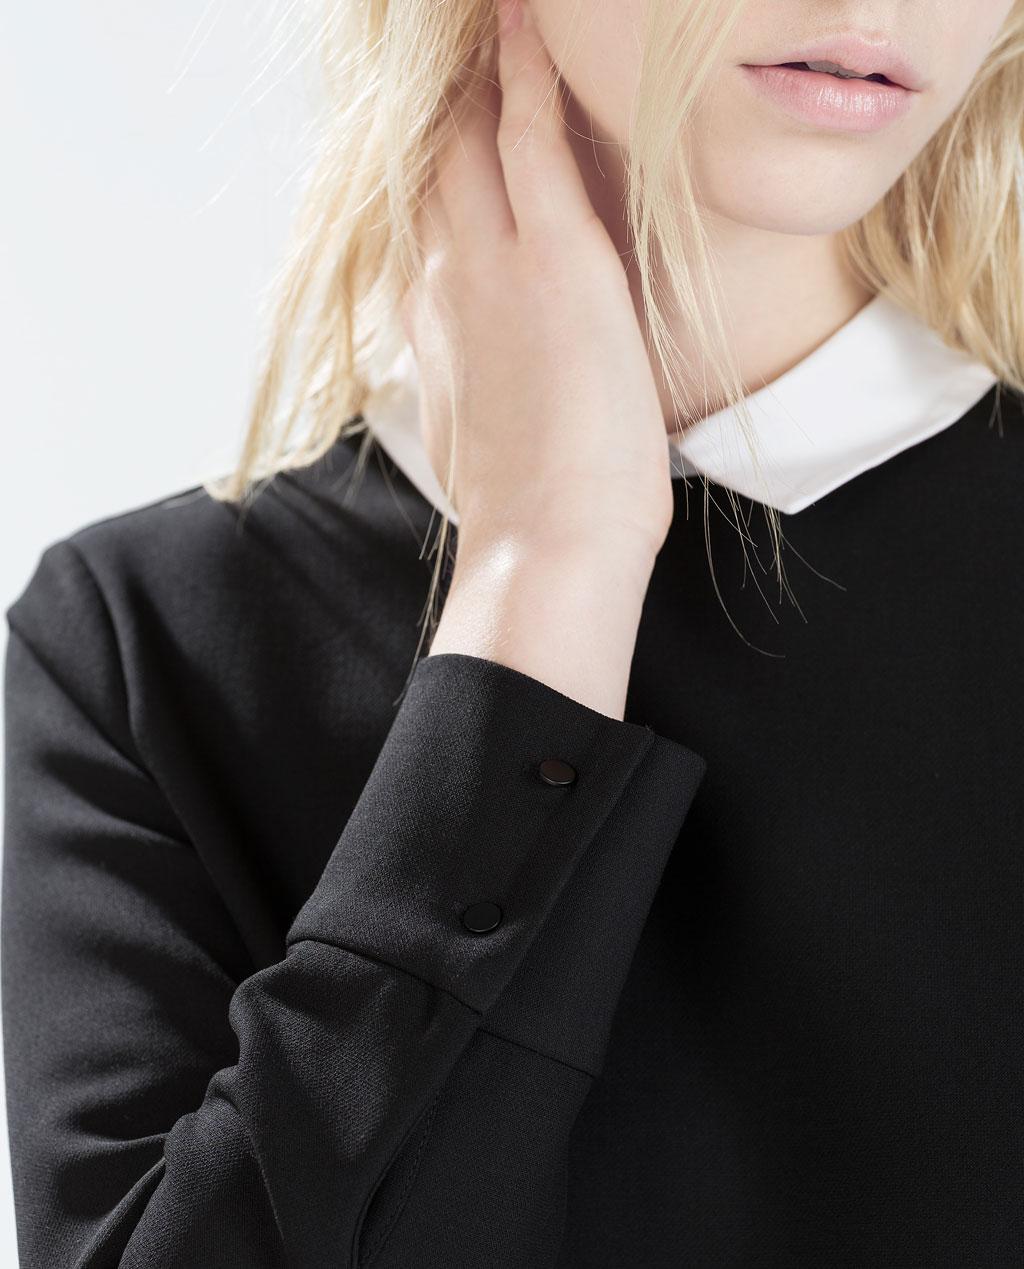 Shopping guide: abito nero con colletto bianco, dove comprarlo